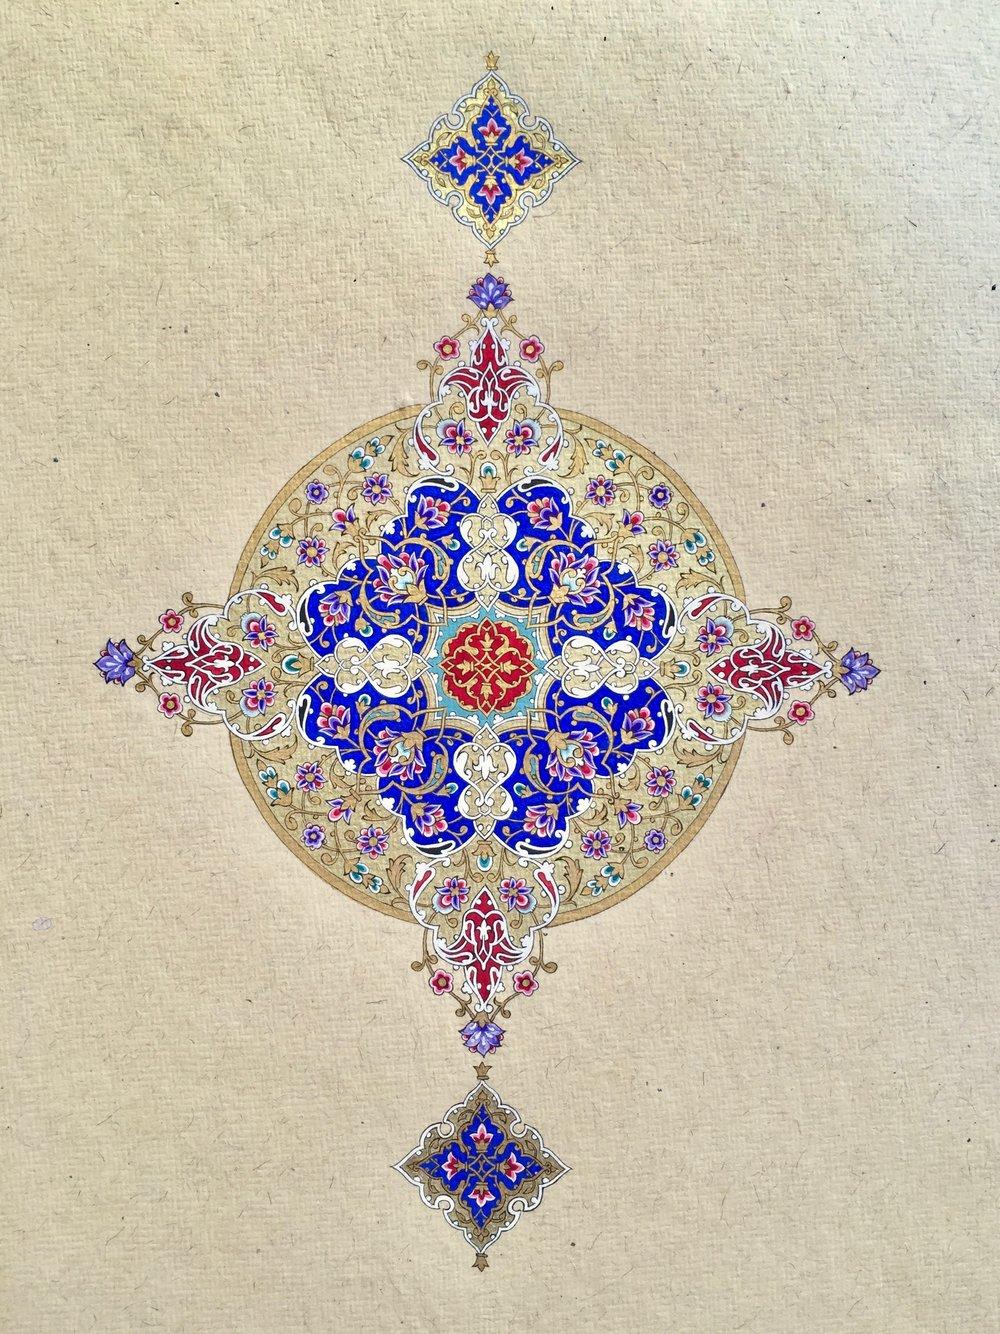 Zouq-e-Rang